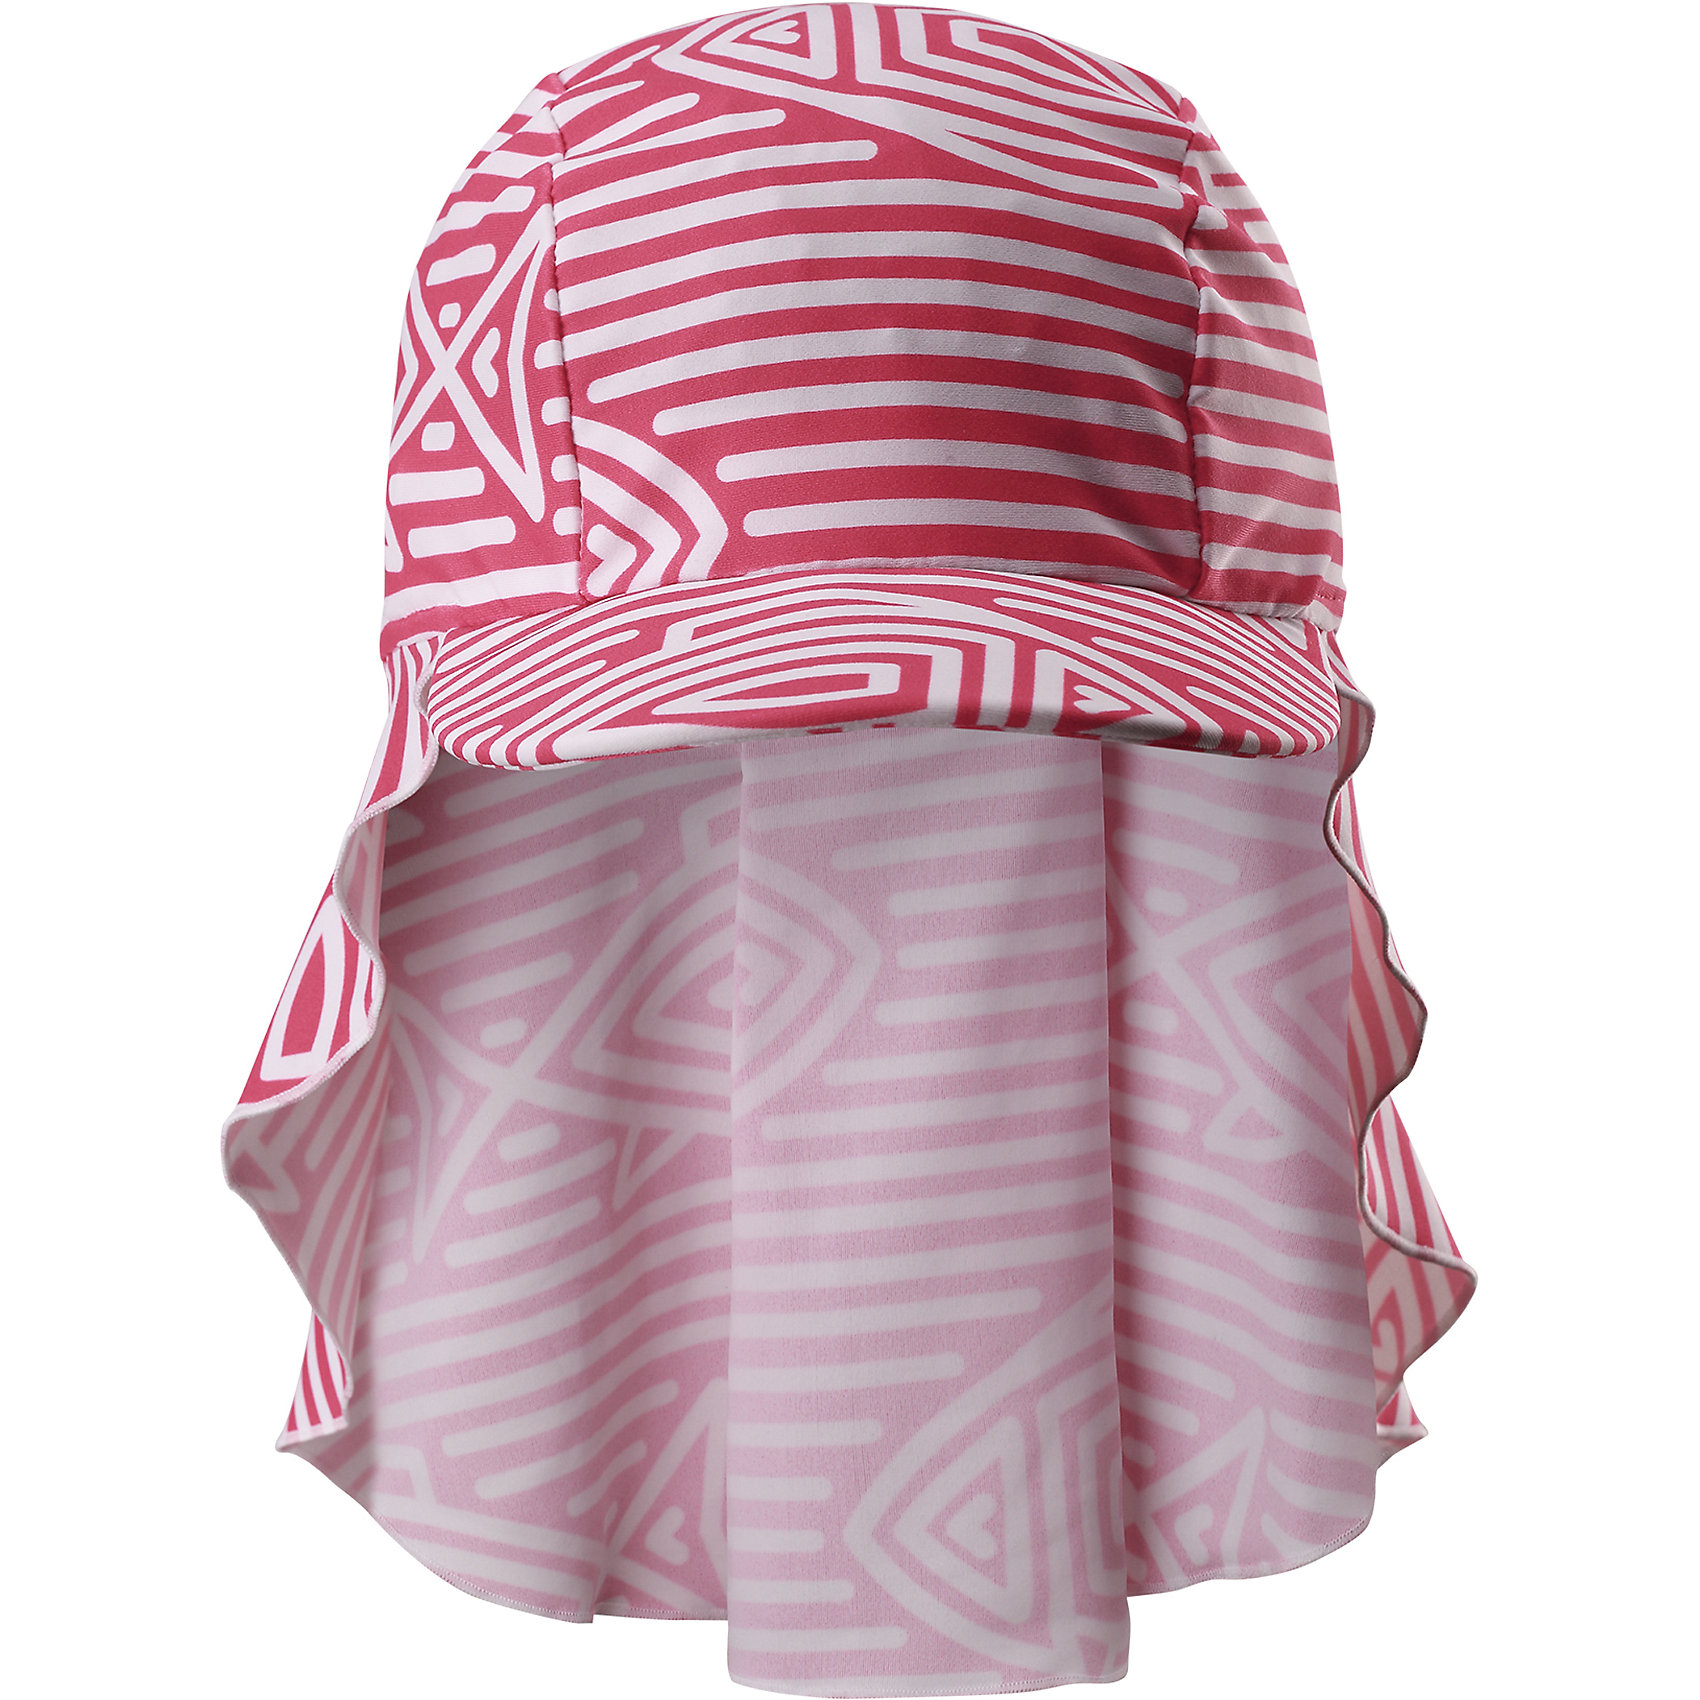 Панама Vesikko для девочки ReimaШапки и шарфы<br>Характеристики товара:<br><br>• цвет: красный/белый<br>• состав: 80% полиамид, 20% эластан<br>• задняя часть удлиненная<br>• фактор защиты от ультрафиолета: 50+<br>• удобный эластичный материал<br>• стильный защитный козырек<br>• защищает от солнца<br>• облегчённая модель без подкладки<br>• эмблема Reima сбоку<br>• страна бренда: Финляндия<br>• страна производства: Китай<br><br>Детский головной убор может быть модным и удобным одновременно! Стильная панама поможет обеспечить ребенку комфорт и дополнить наряд. Панама удобно сидит и аккуратно выглядит. Проста в уходе, долго служит. Стильный дизайн разрабатывался специально для детей. Отличная защита от солнца!<br><br>Уход:<br><br>• стирать по отдельности, вывернув наизнанку<br>• полоскать без специального средства<br>• сушить при низкой температуре.<br><br>Панаму от финского бренда Reima (Рейма) можно купить в нашем интернет-магазине.<br><br>Ширина мм: 89<br>Глубина мм: 117<br>Высота мм: 44<br>Вес г: 155<br>Цвет: розовый<br>Возраст от месяцев: 18<br>Возраст до месяцев: 36<br>Пол: Женский<br>Возраст: Детский<br>Размер: 50,54,46<br>SKU: 5270882